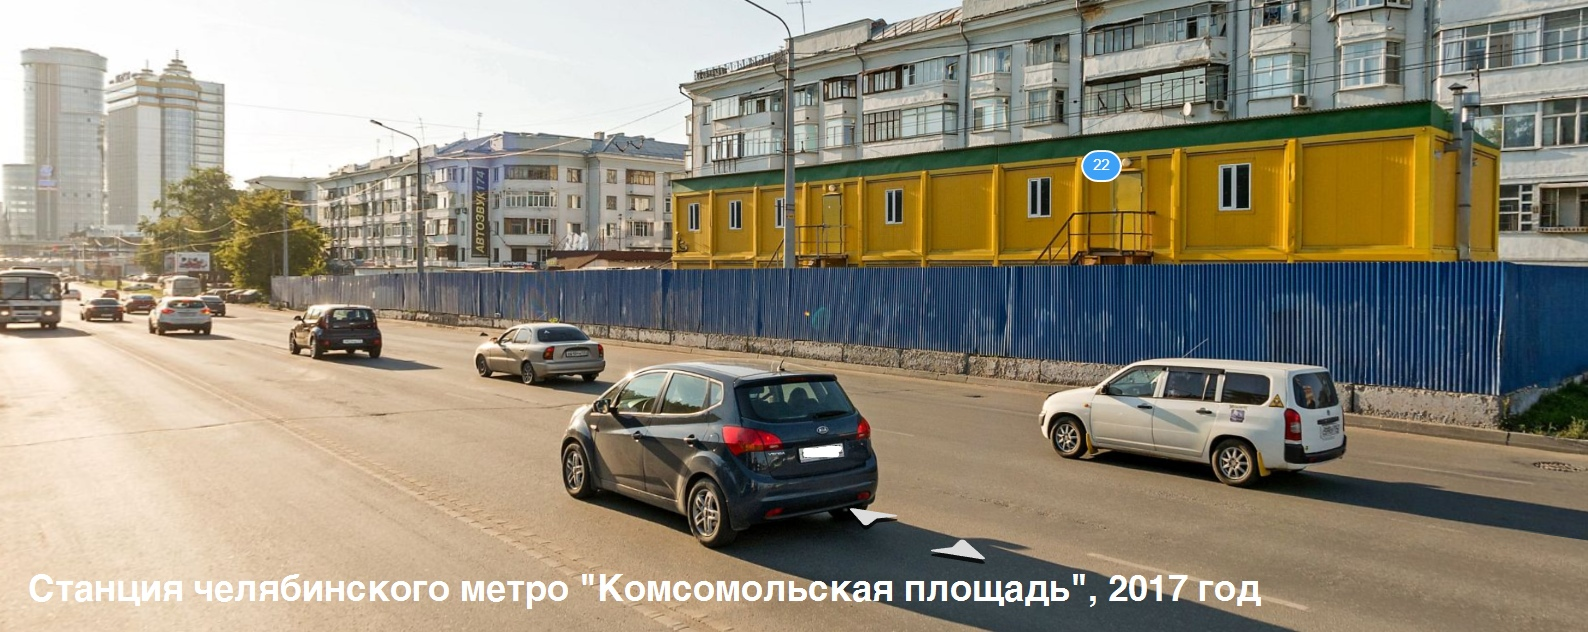 Единственная станция метро в Челябинске: хроника деградации в фотографиях за 10 лет